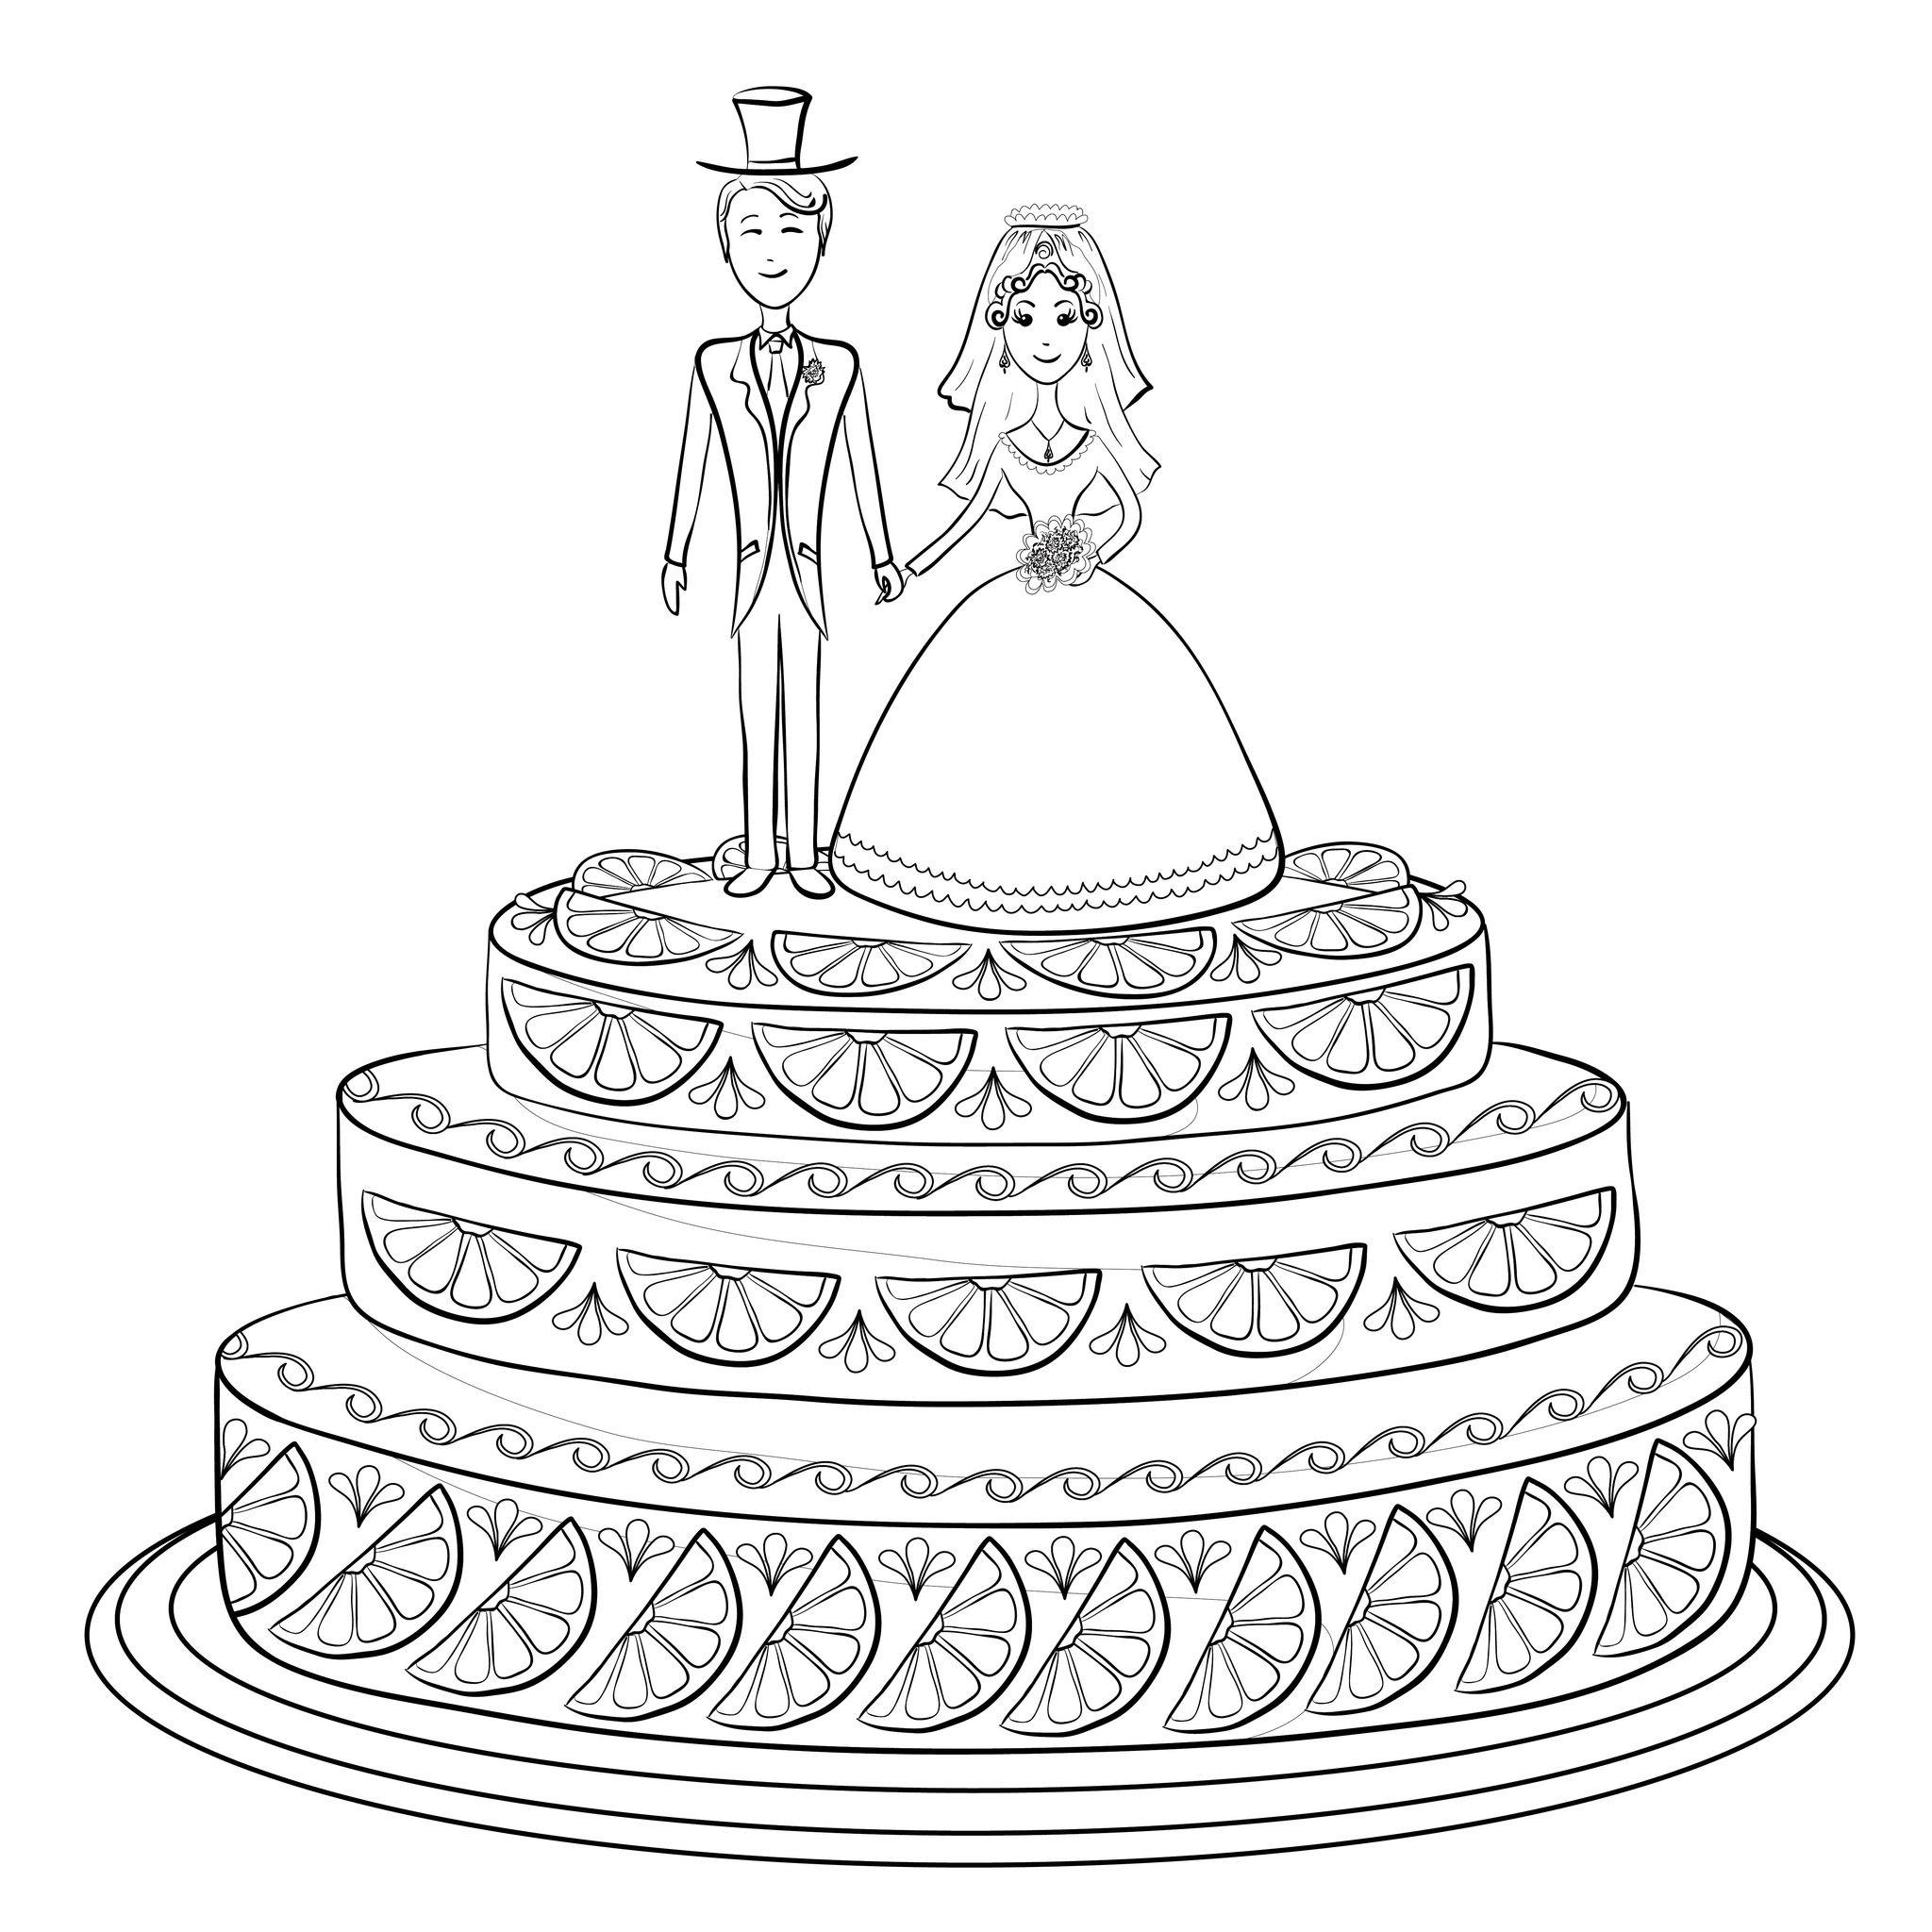 Gateau de mariage  colorier Coloriage adulte